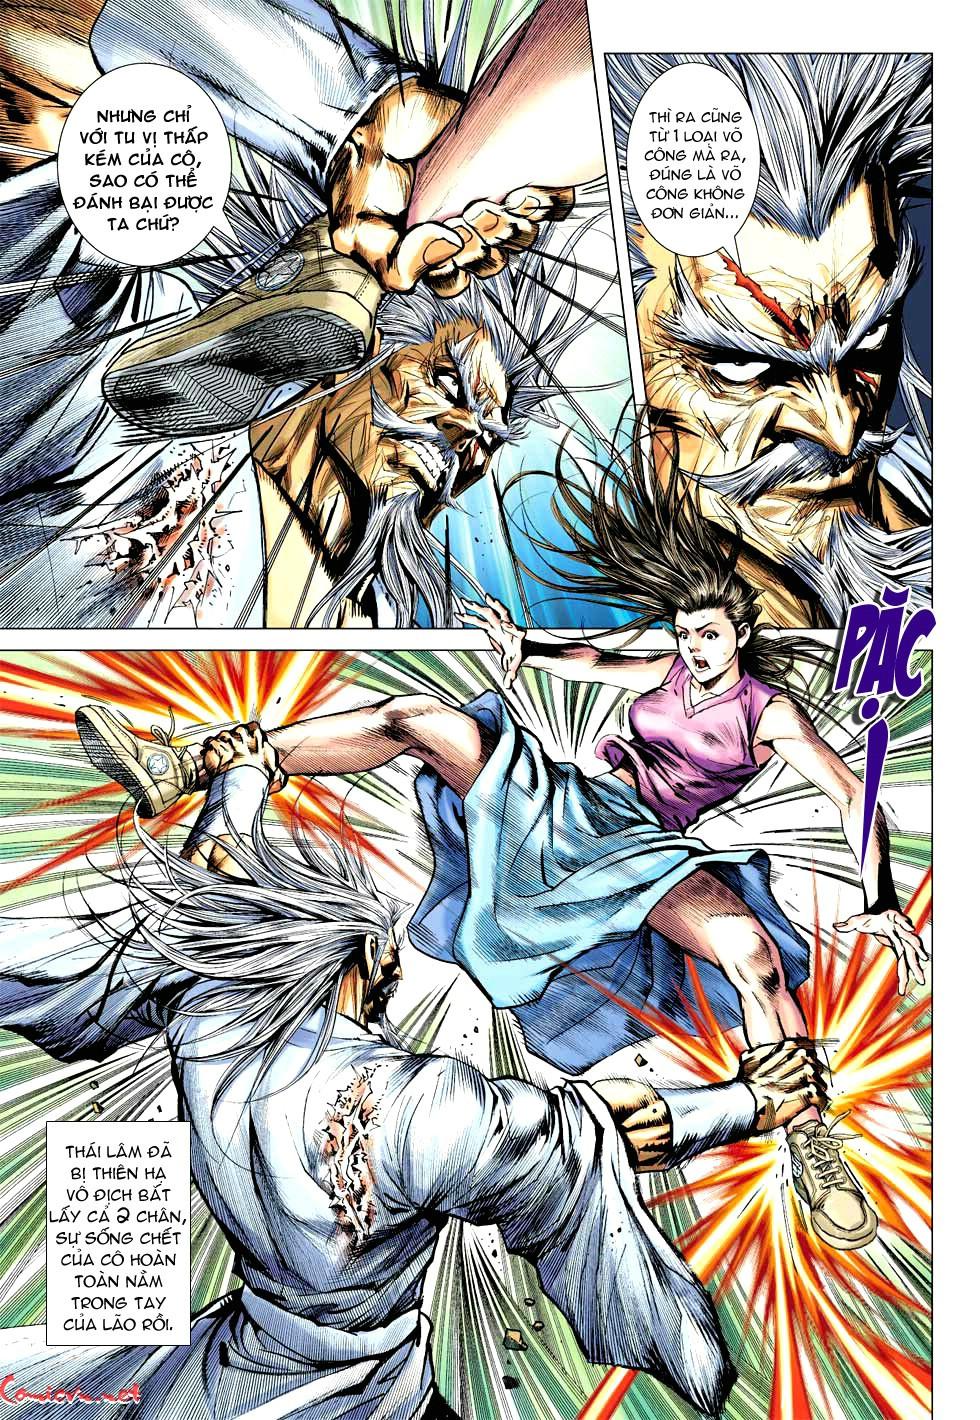 Vương Phong Lôi 1 chap 49 - Trang 13